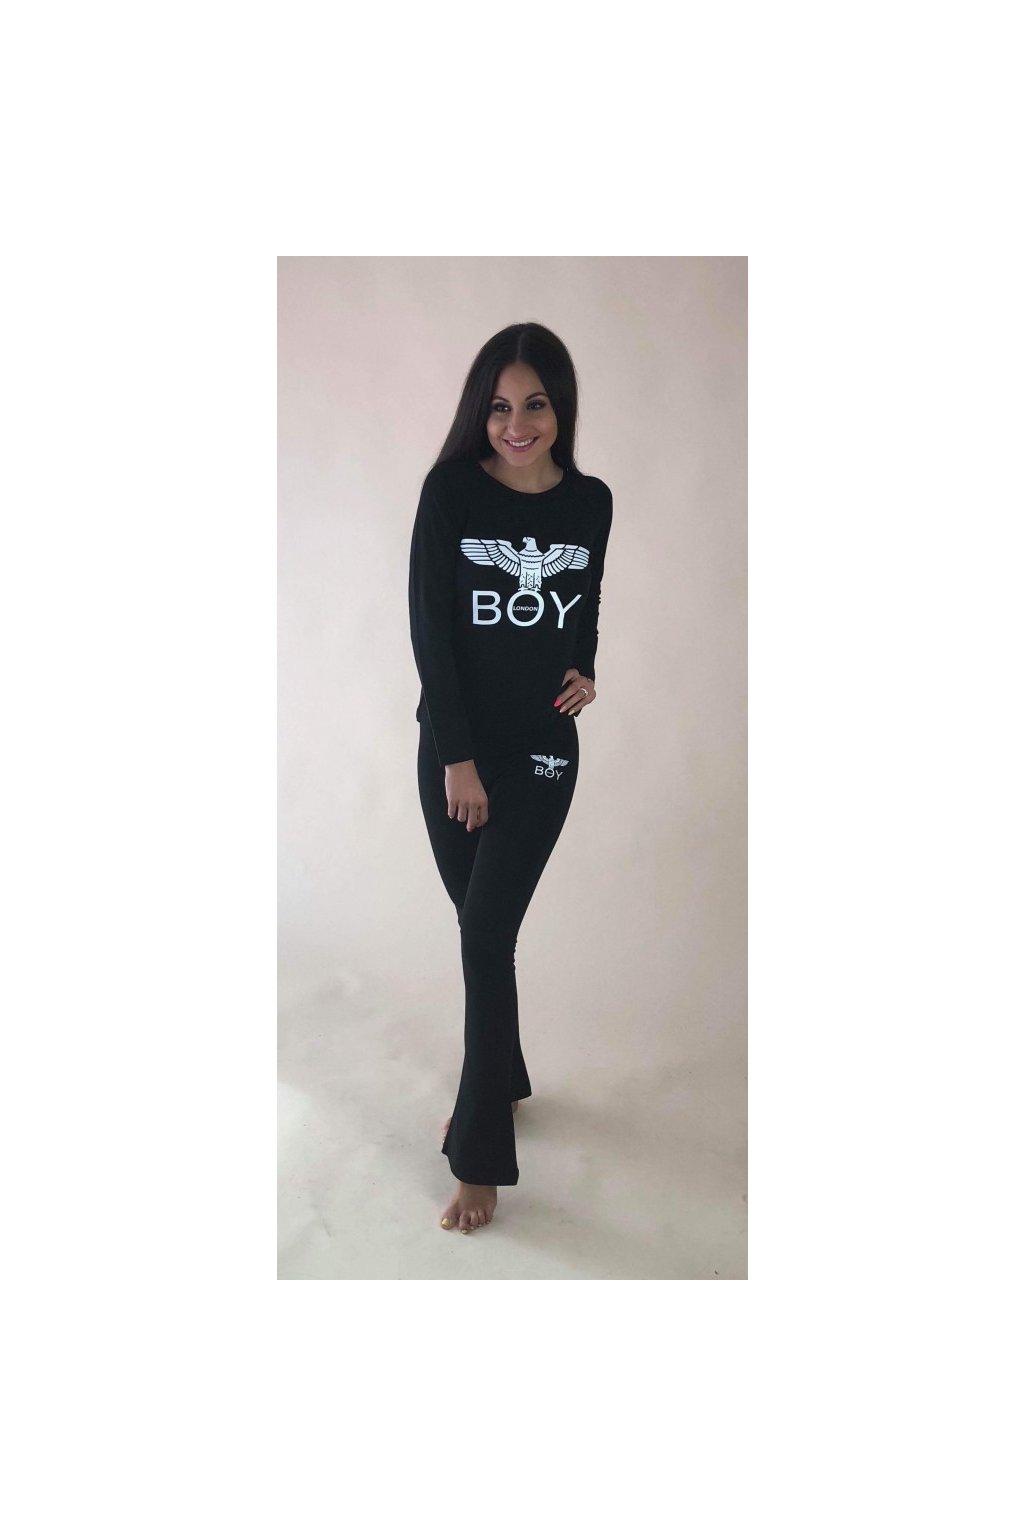 Tričko Boy London s dlouhým rukávem - černé s bílým znakem (Velikost Velikost XS)